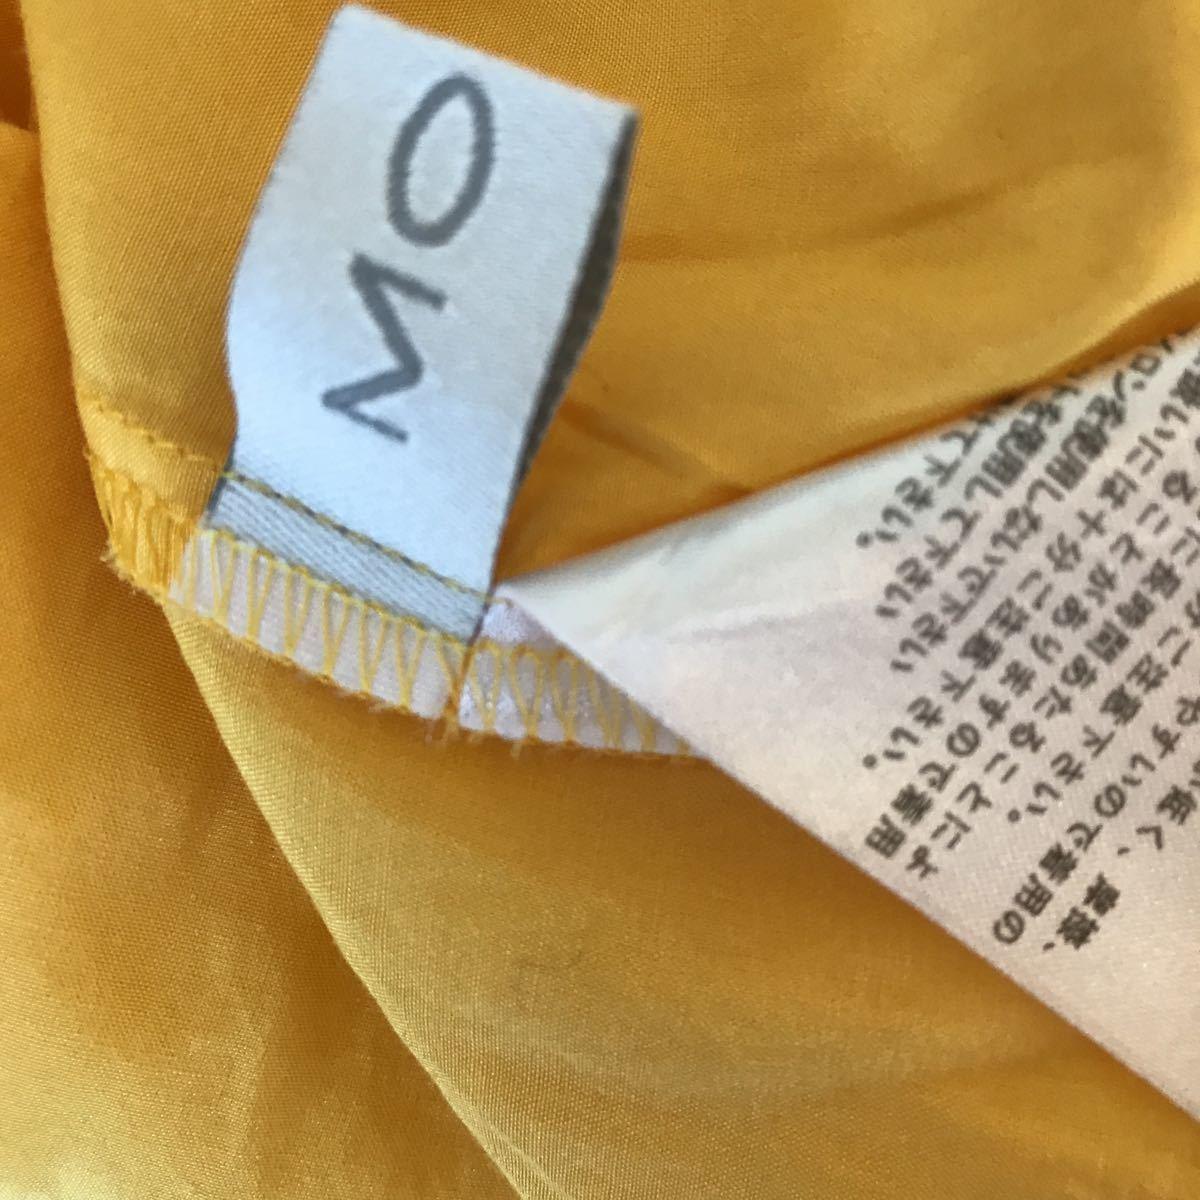 【高級モガ、90%オフ】(株)ビギ、高級ブランド、シルクコットン上質素材、着映えするきれい色♪ブラウス、シャツ、リッチカジュアルにも_画像4